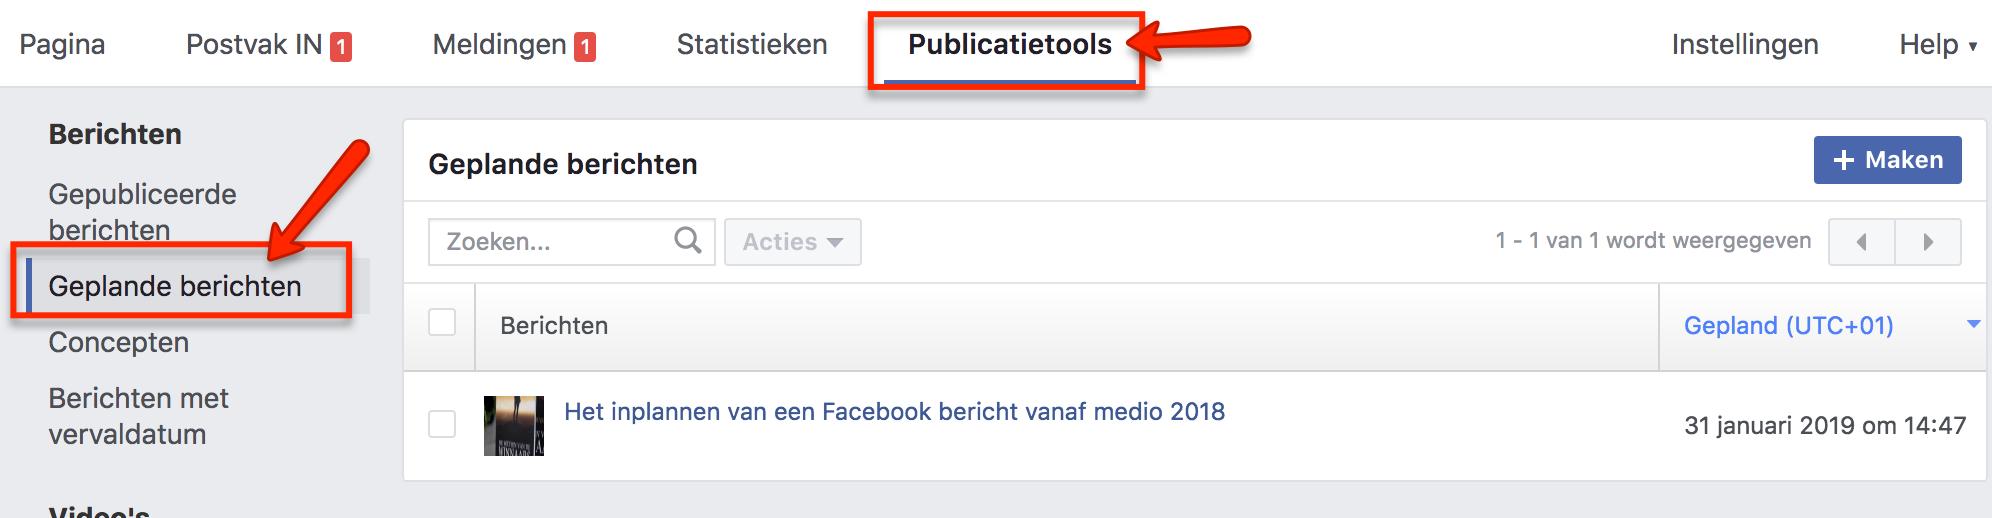 Ingeplande Facebook berichten wijzigen